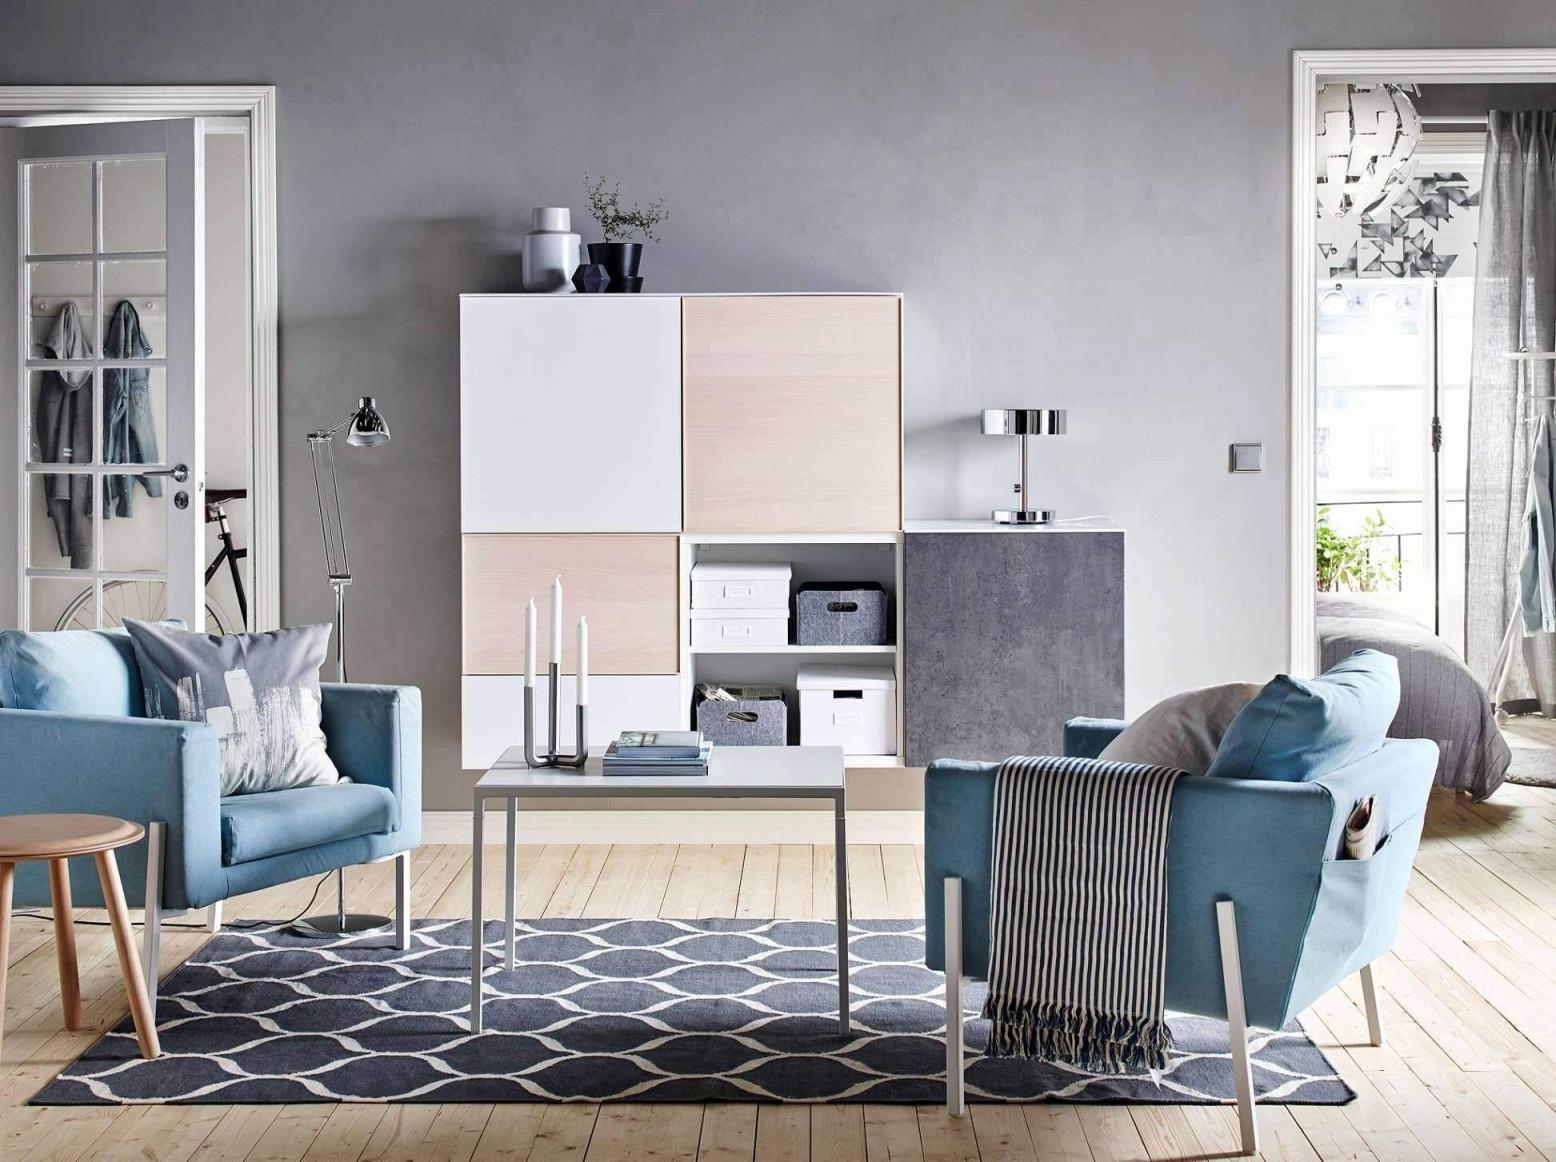 33 Luxus Wohnzimmer Einrichtung Schön  Wohnzimmer Frisch von Rechteckiges Wohnzimmer Einrichten Bild